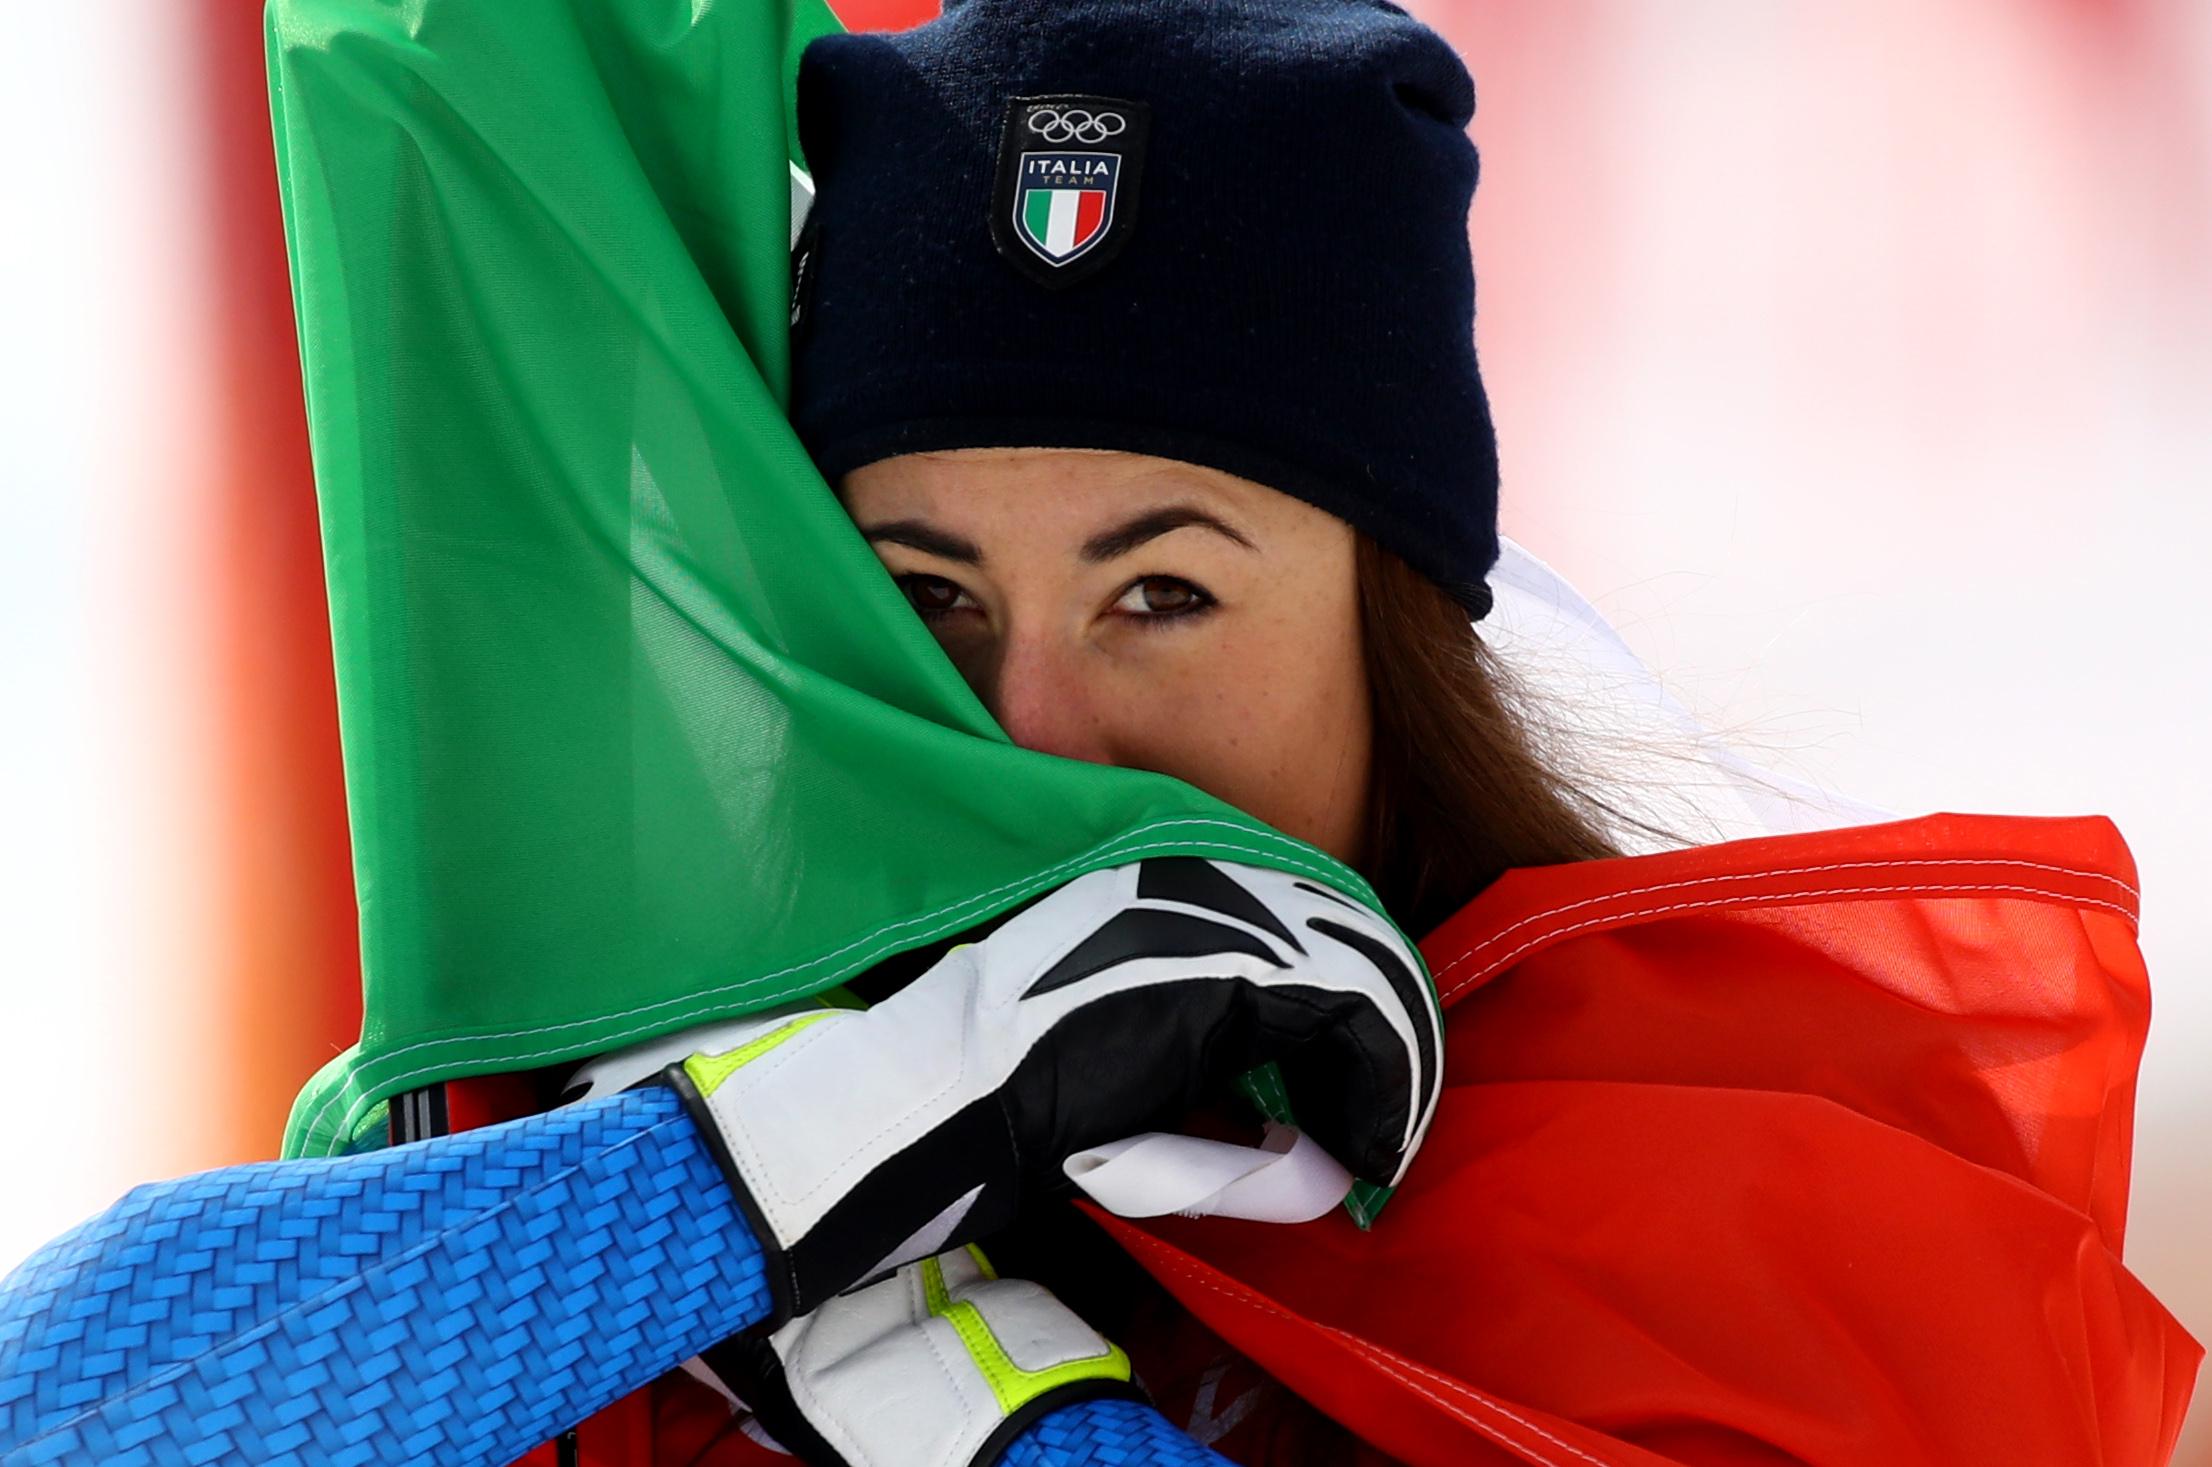 Sofia Goggia - Photo: Pentaphoto/Marco Trovati.